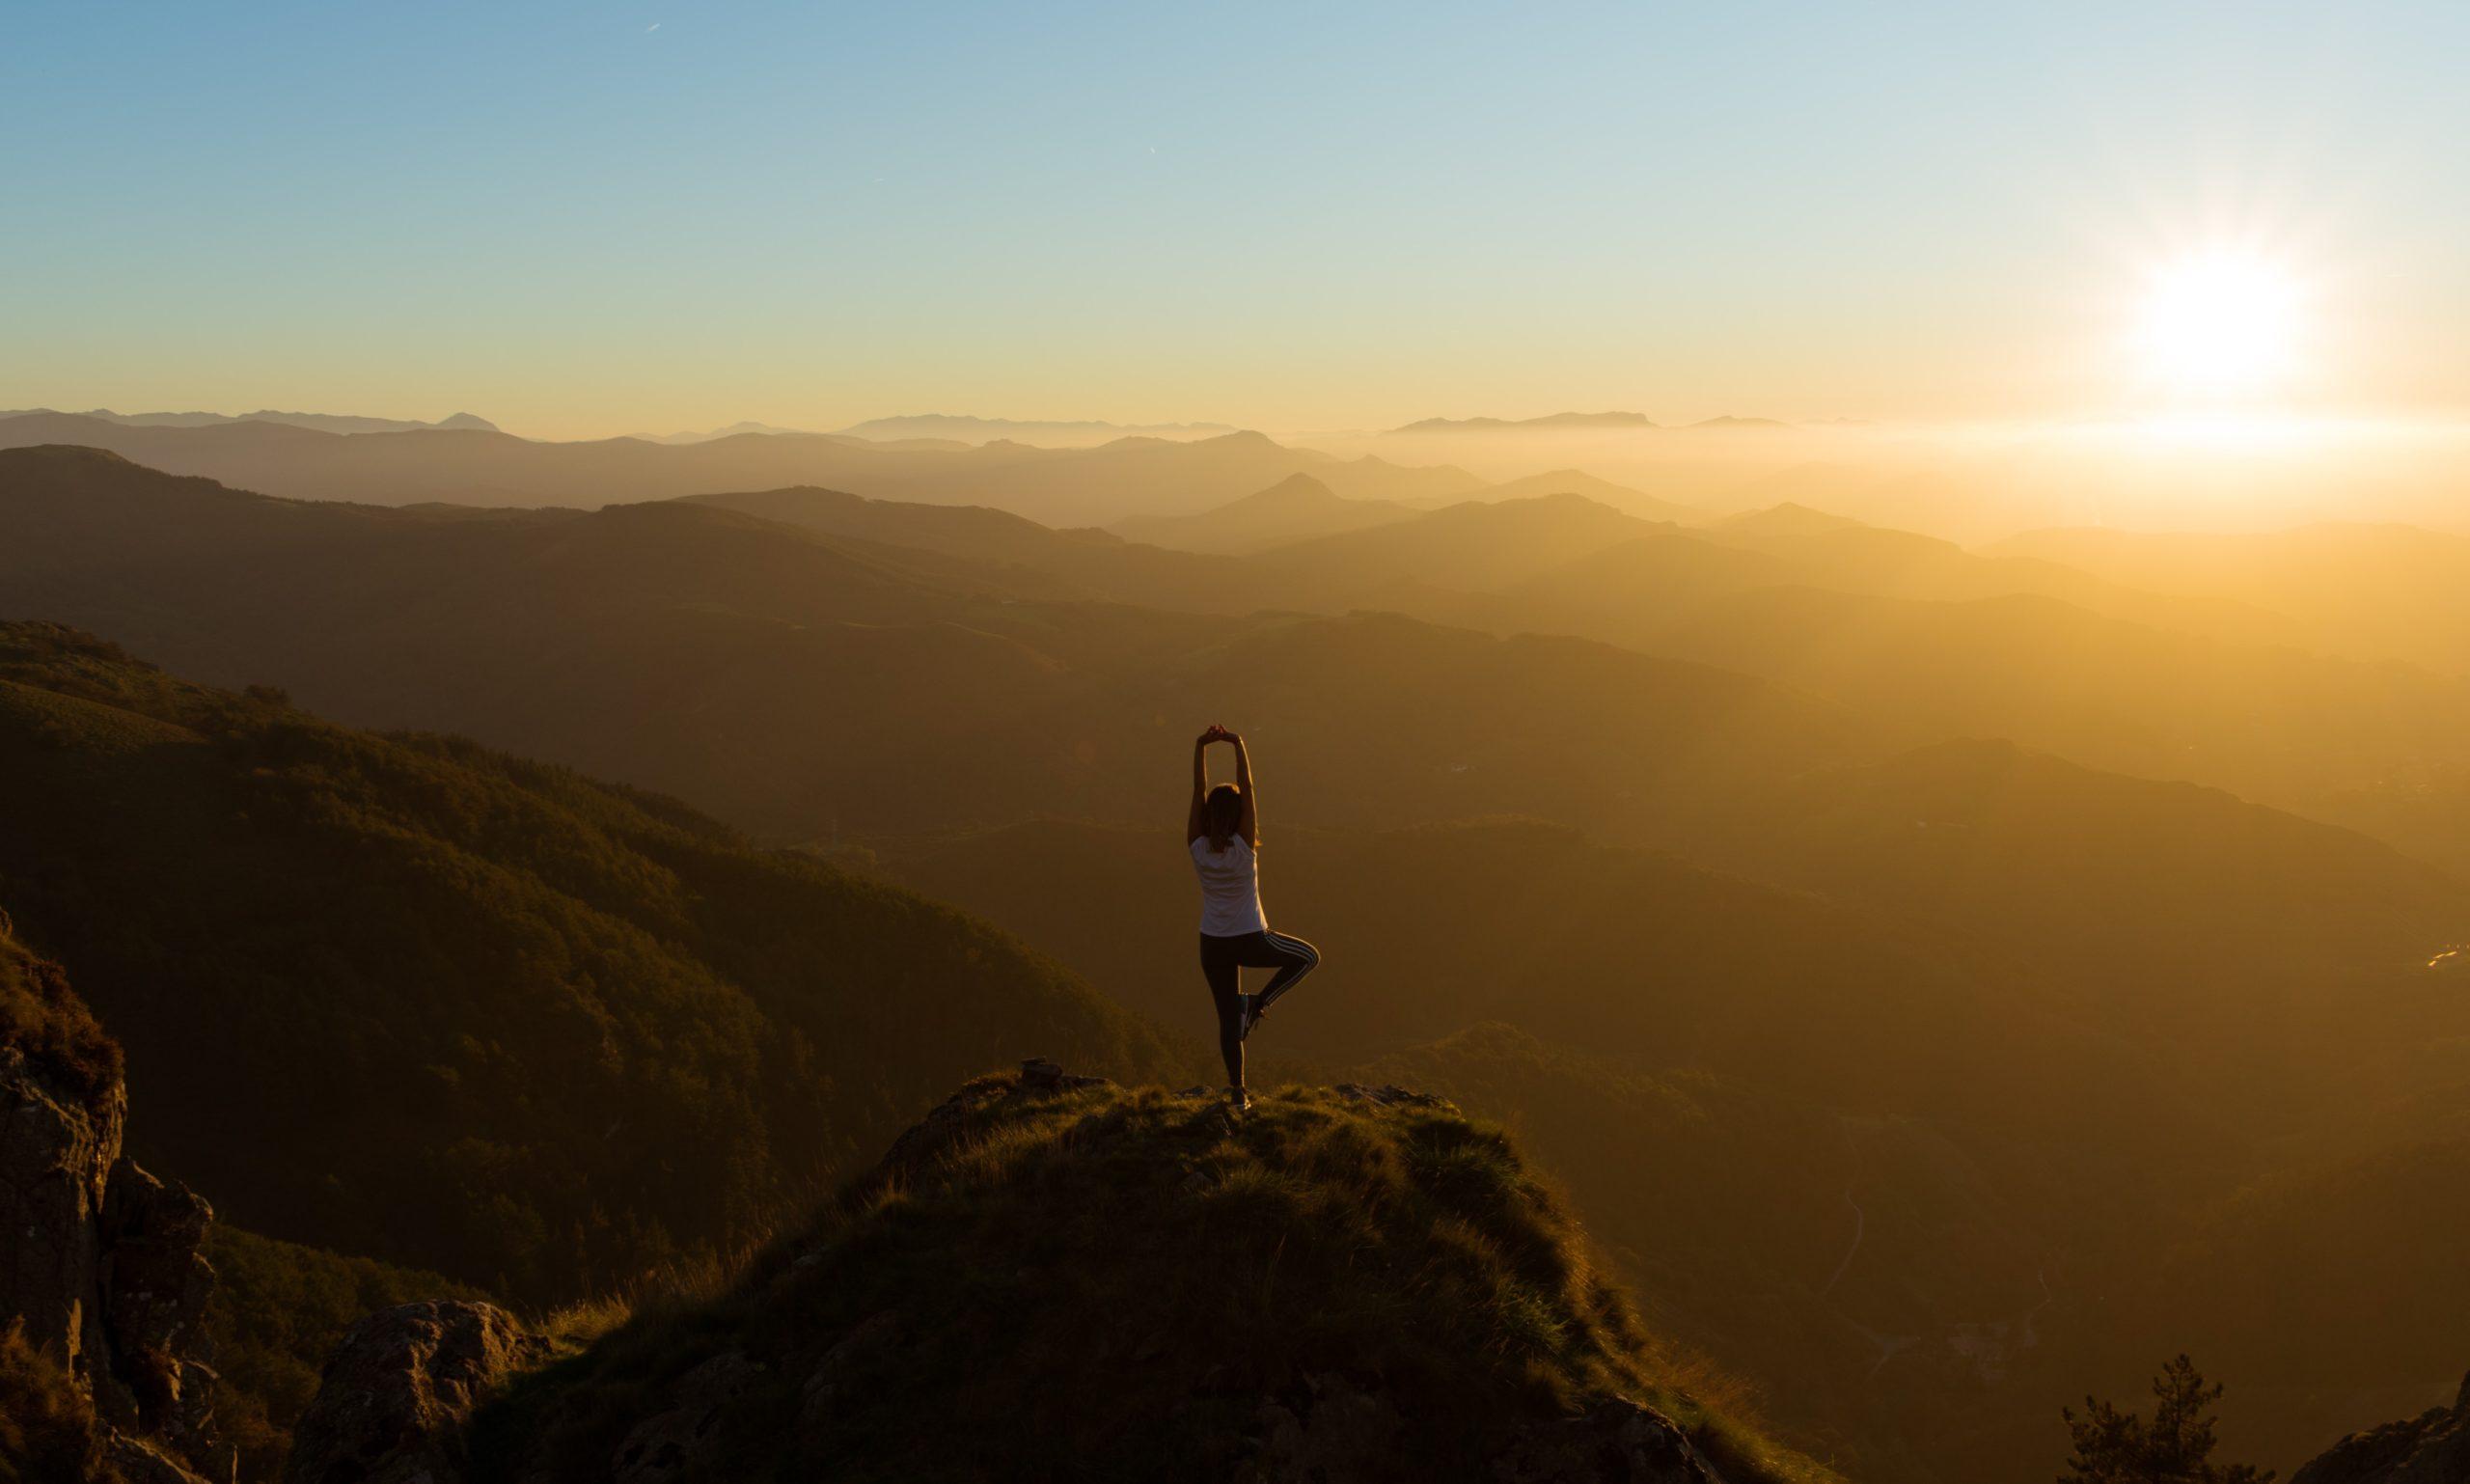 Duy trì thói quen rèn luyện thể chất khi du lịch. Hình: Sưu tầm